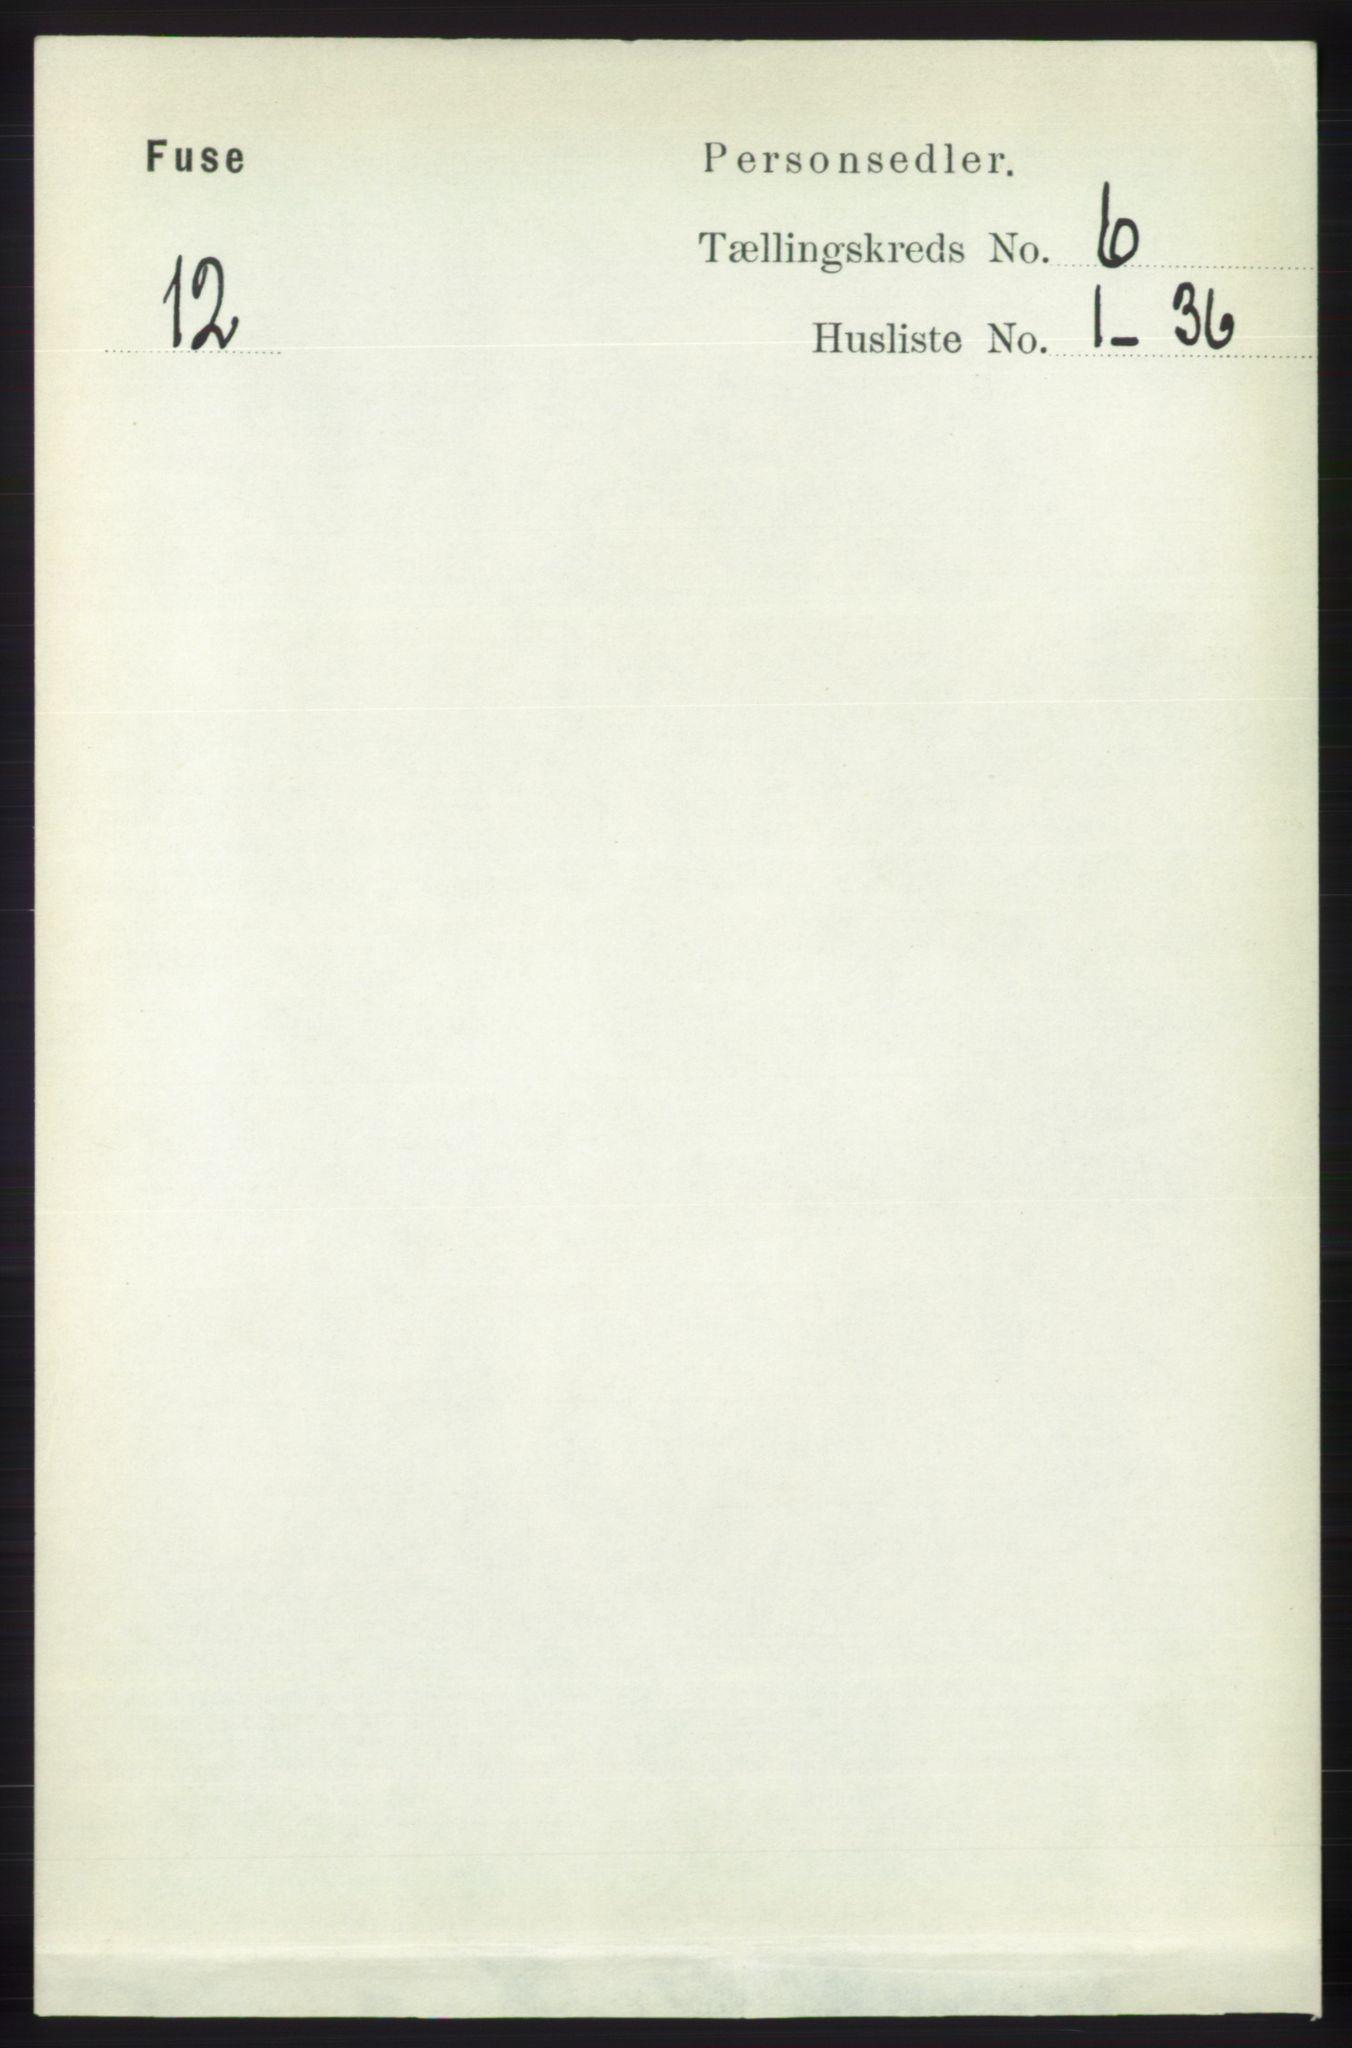 RA, Folketelling 1891 for 1241 Fusa herred, 1891, s. 1079